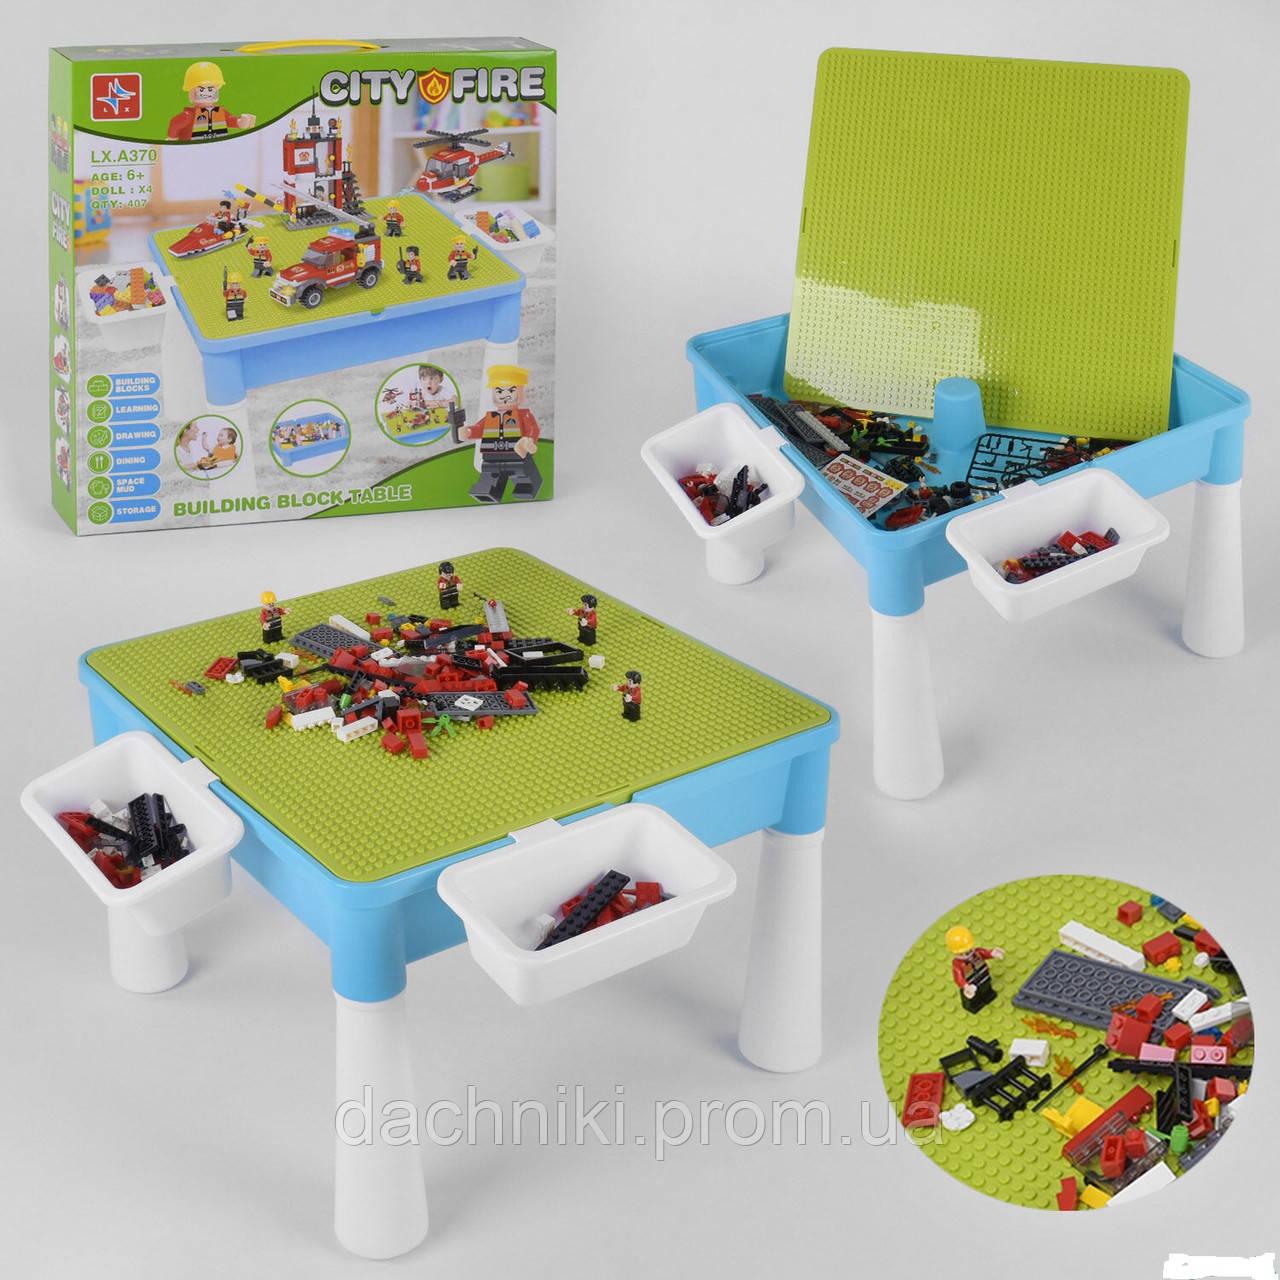 Игровой столик с конструктором LX.A 370 (8/2) 407 деталей, в коробке